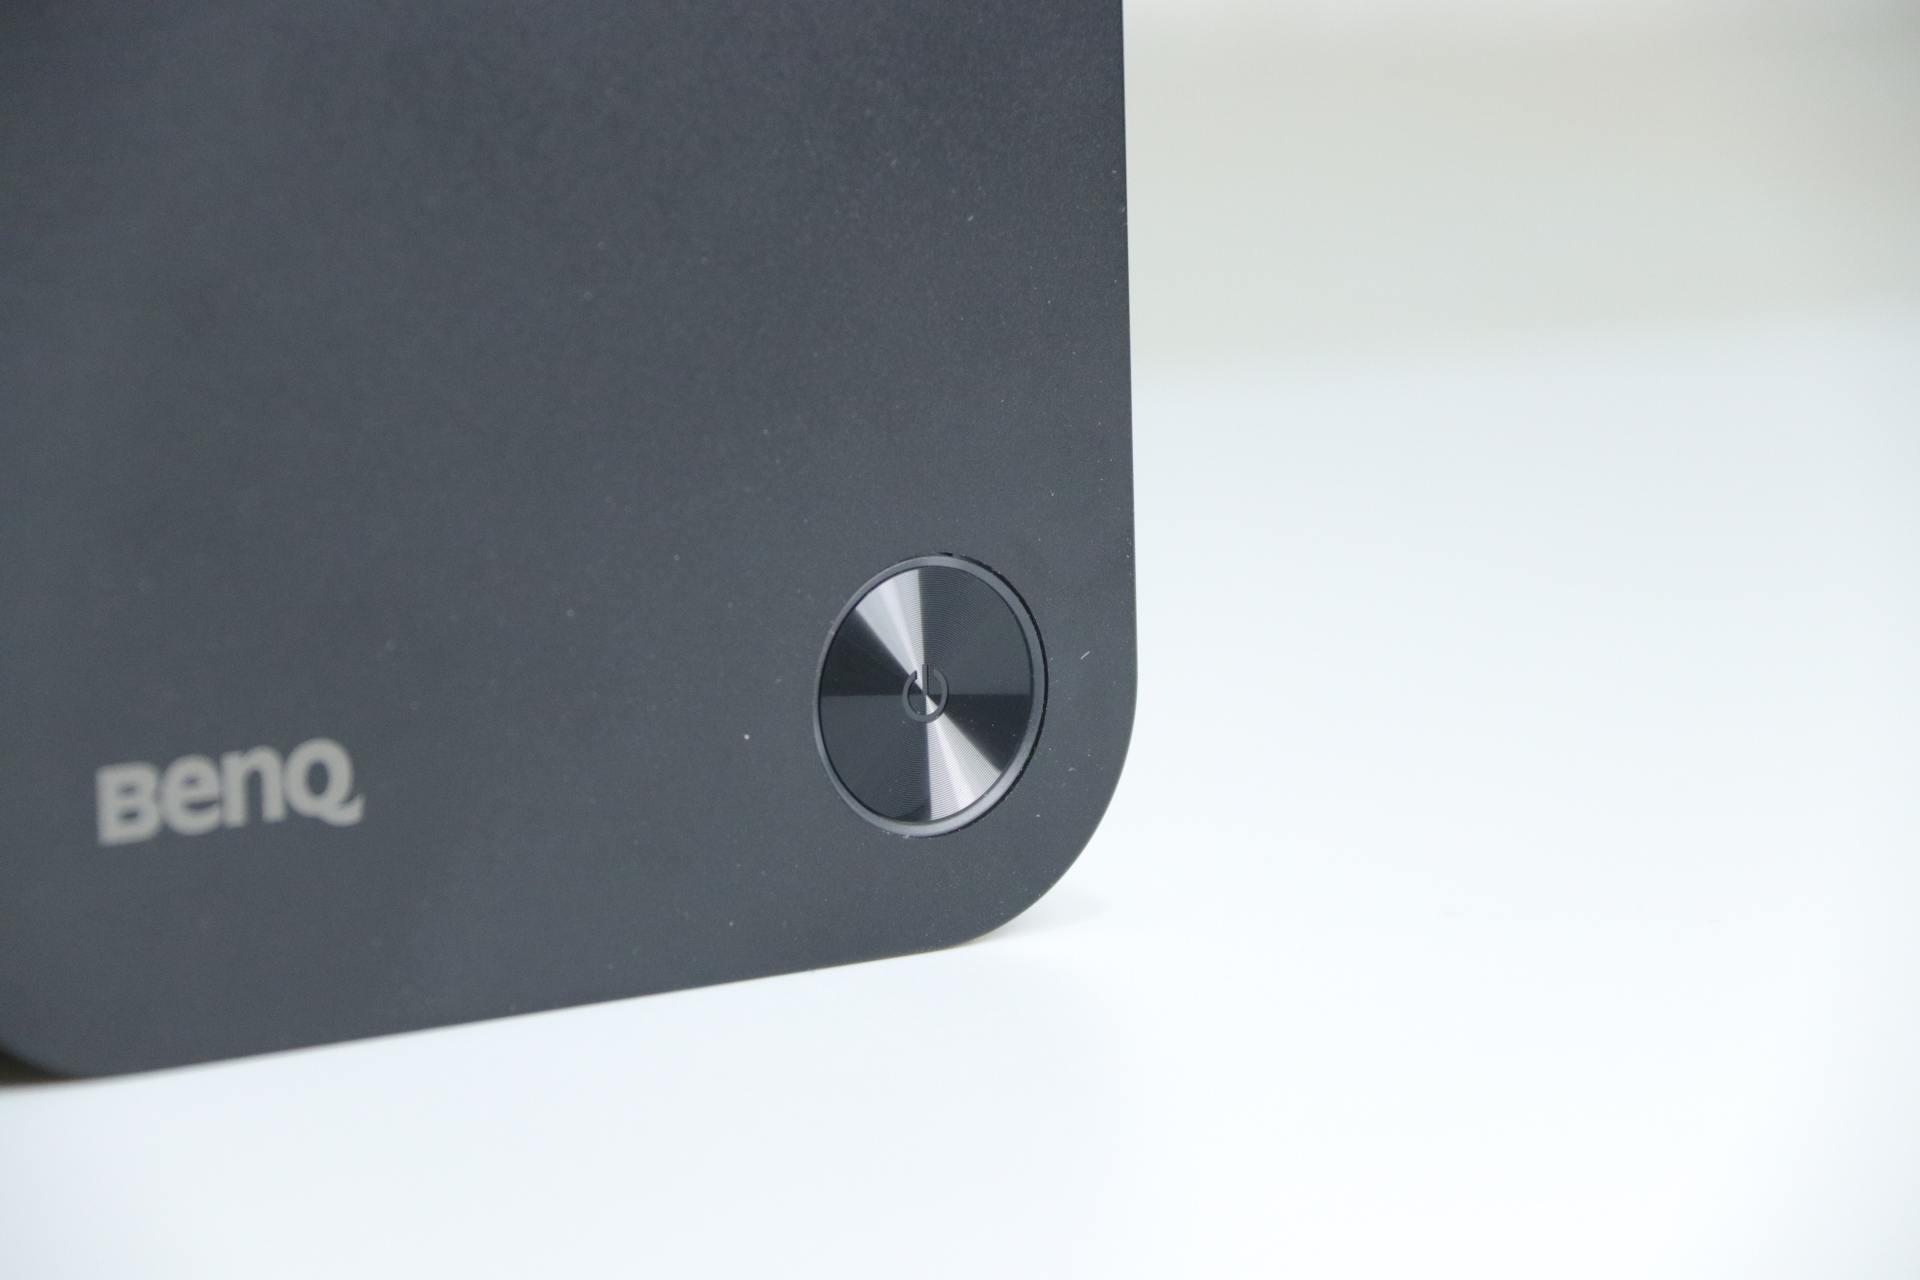 明基WDC10应答秀体验,3秒无线投屏,省去布线麻烦